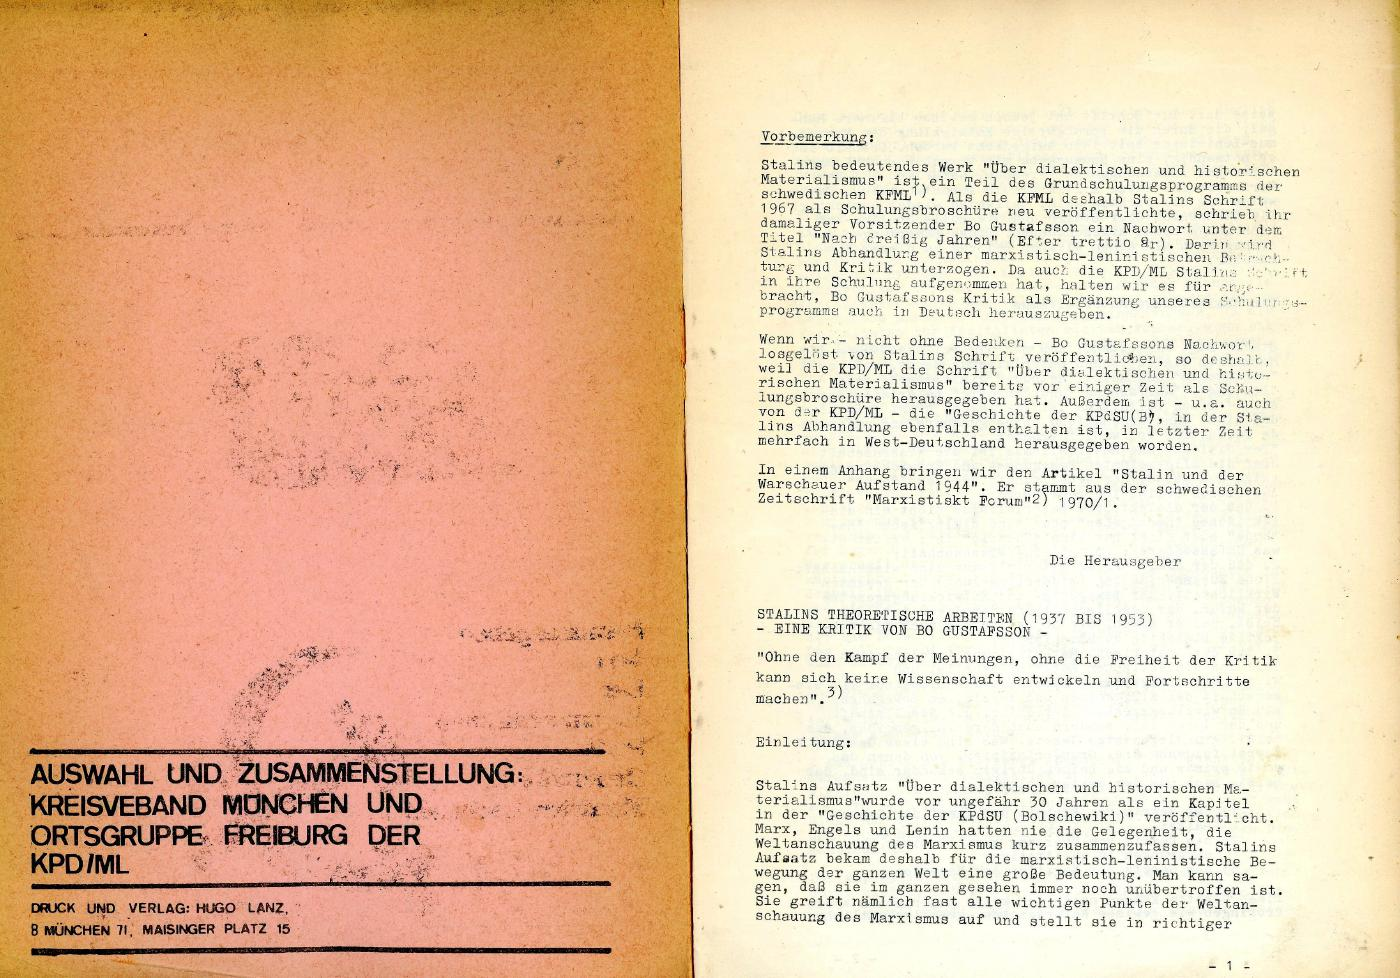 KPDML_1970_Gustafsson_Stalin_02